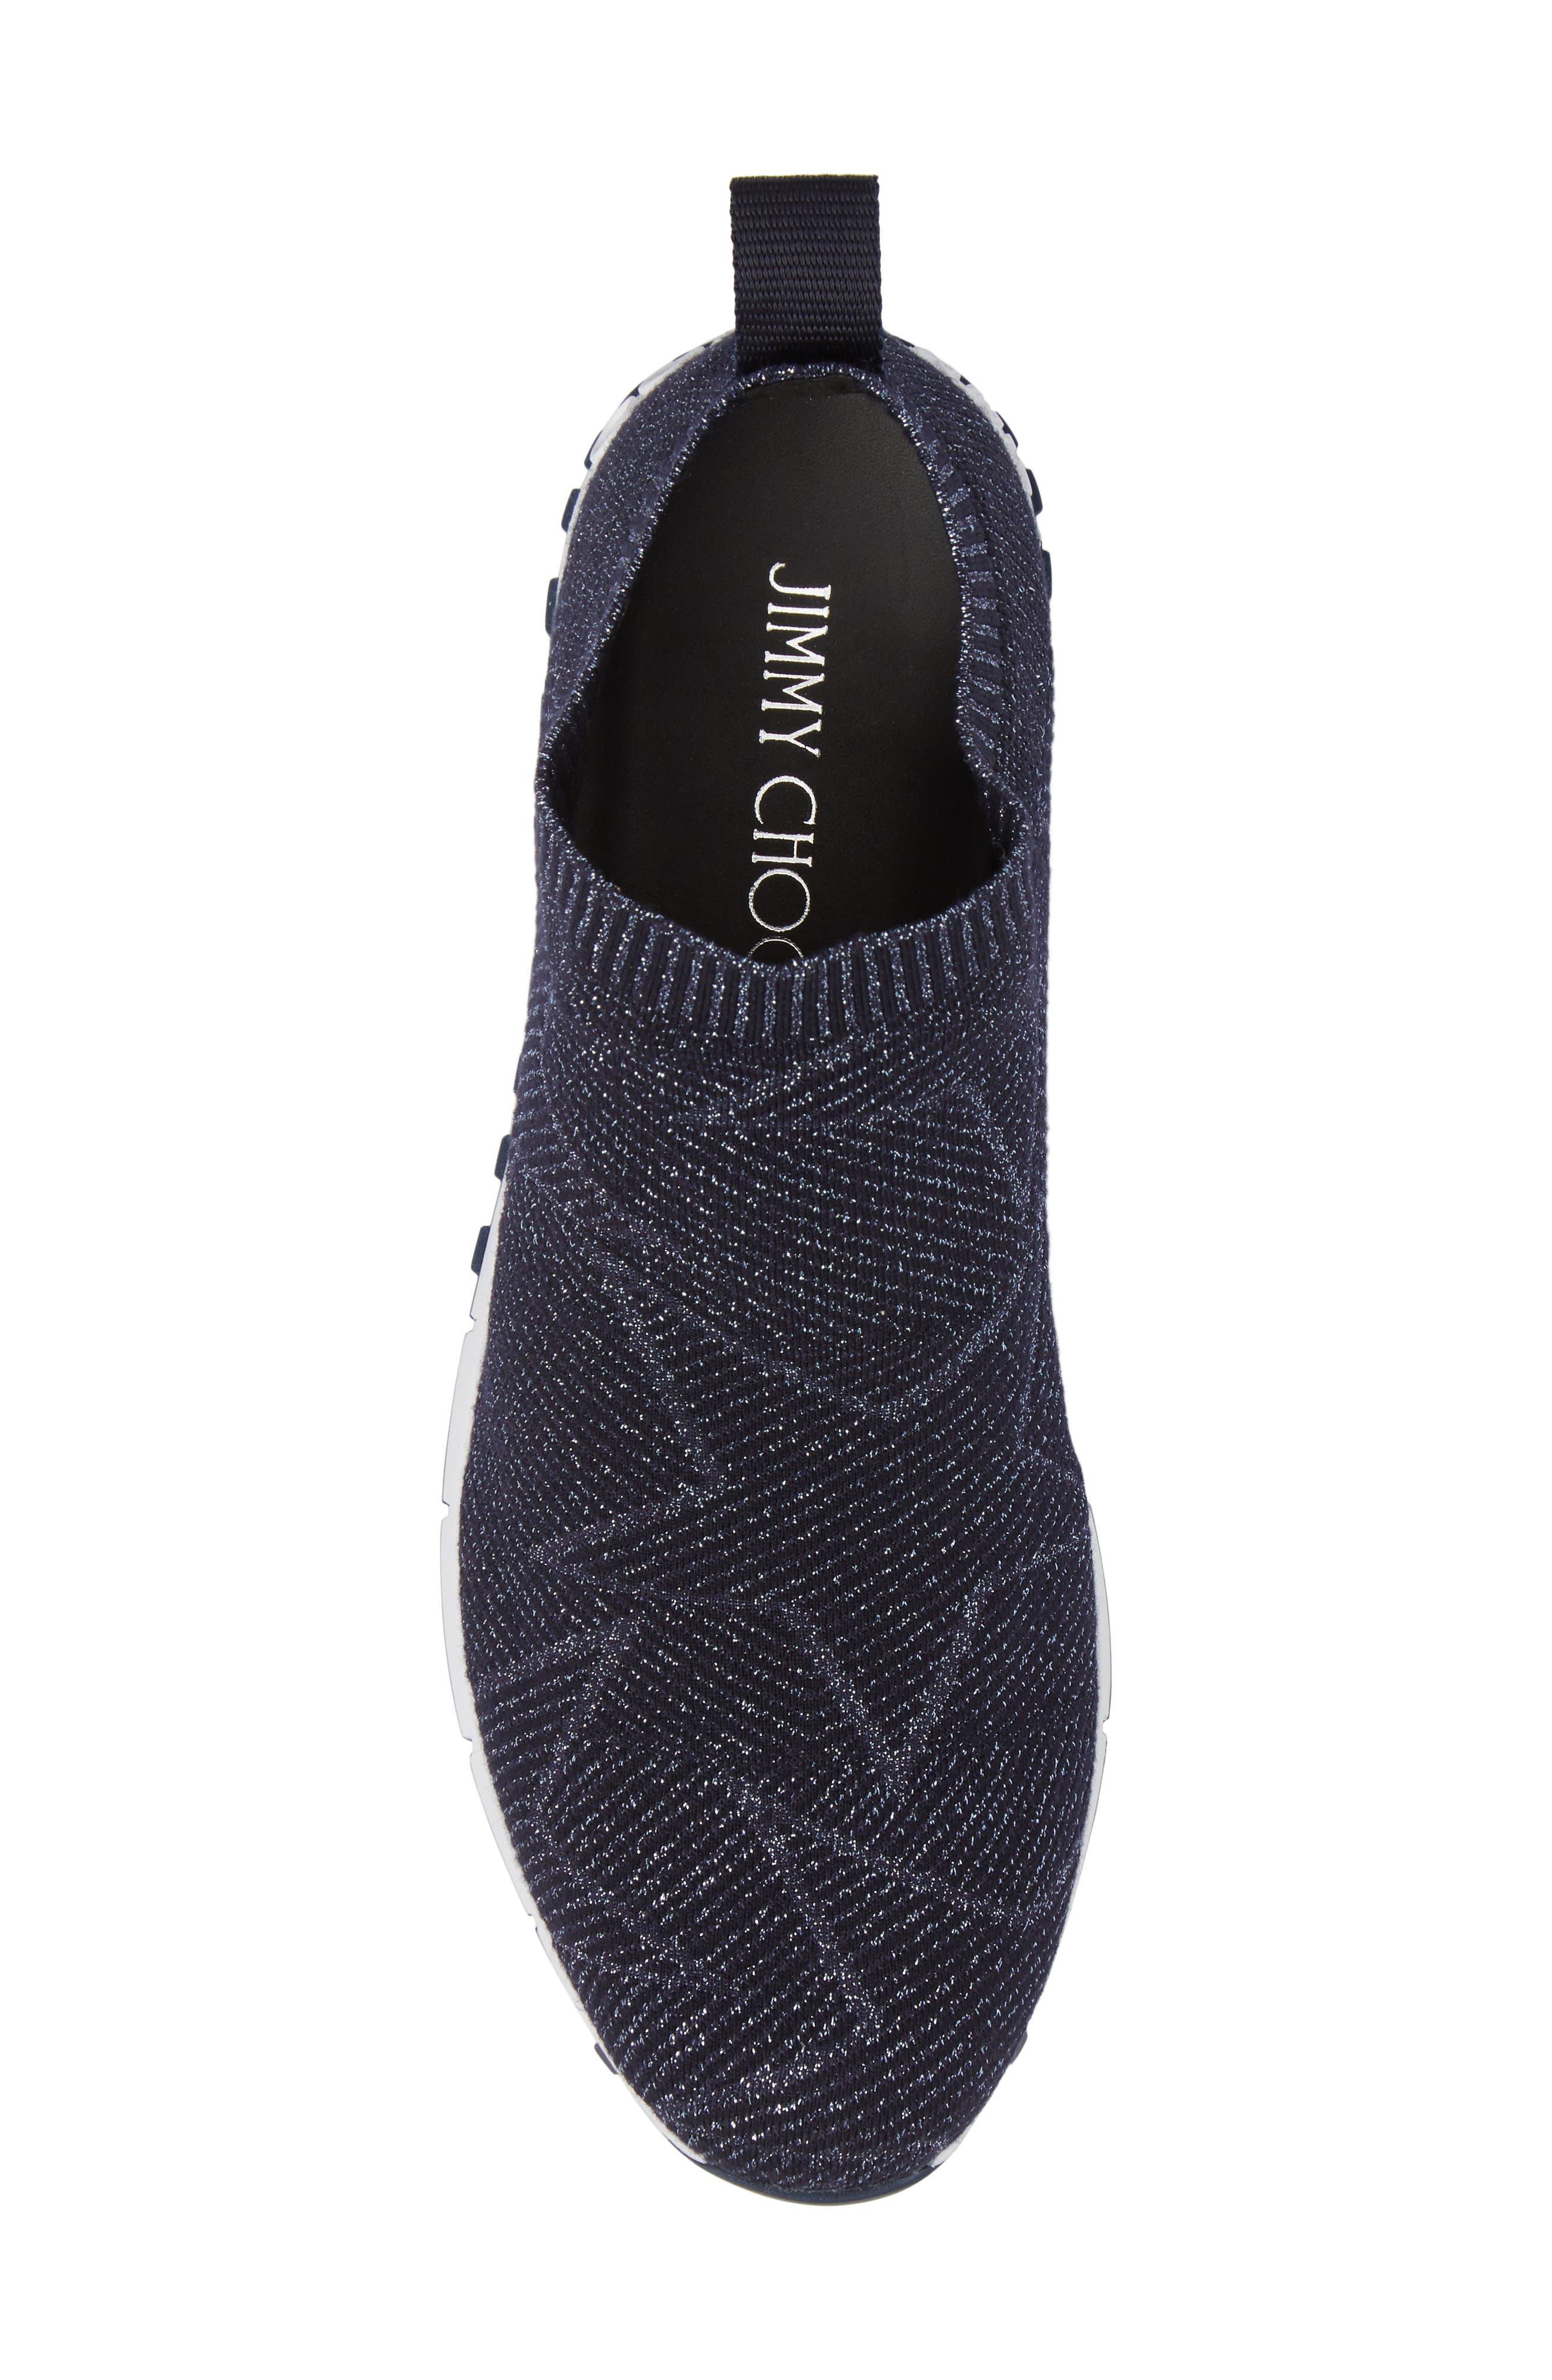 Norway Star Slip-On Sneaker,                             Alternate thumbnail 5, color,                             Navy